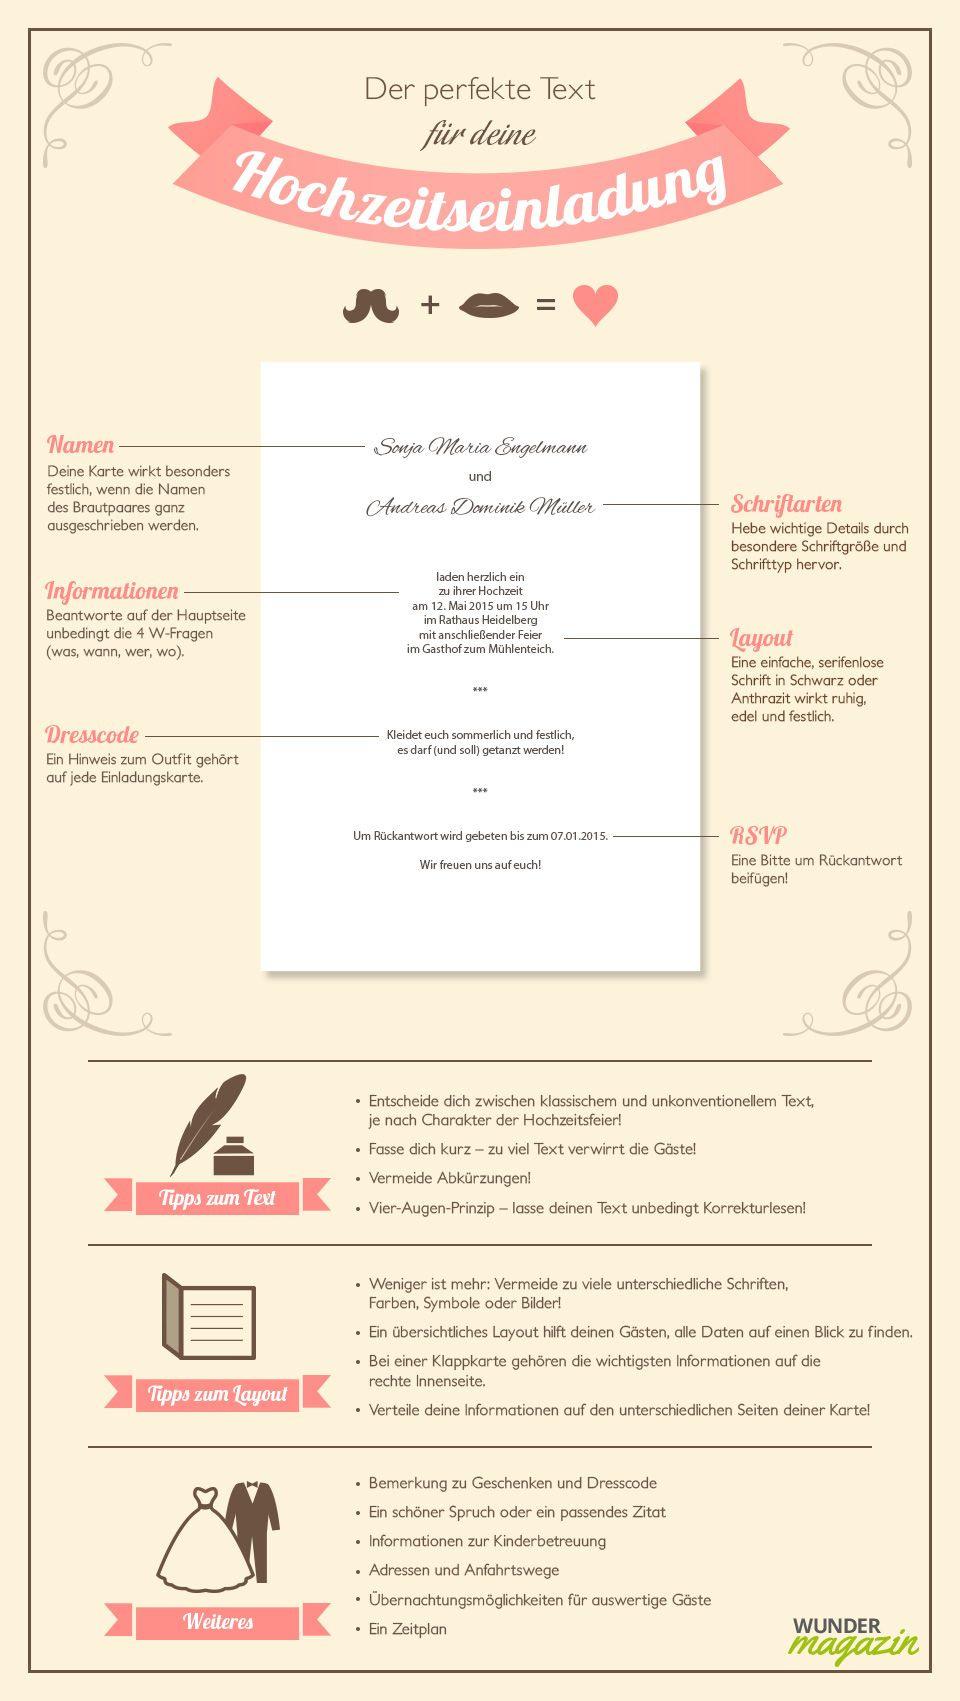 Hochzeitseinladung  Das Muss In Den Text  Text Hochzeit